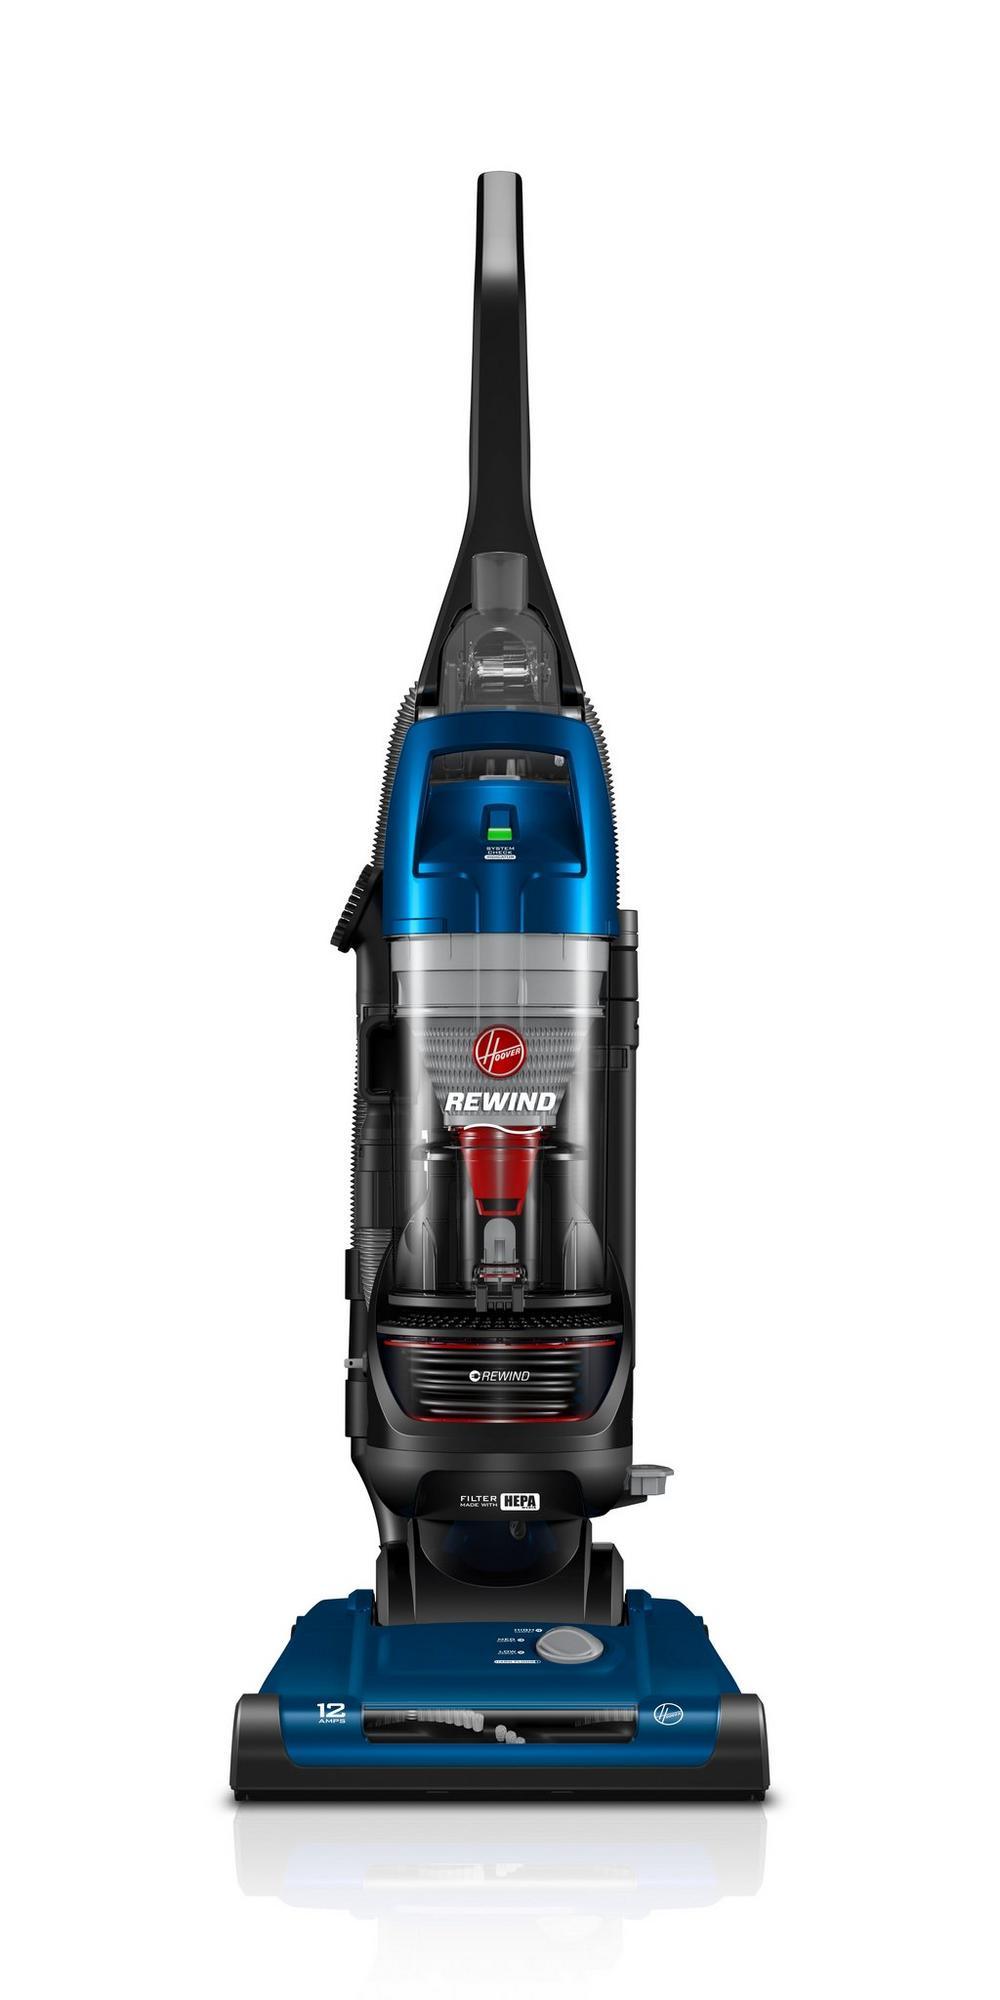 Rewind Bagless Upright Vacuum1